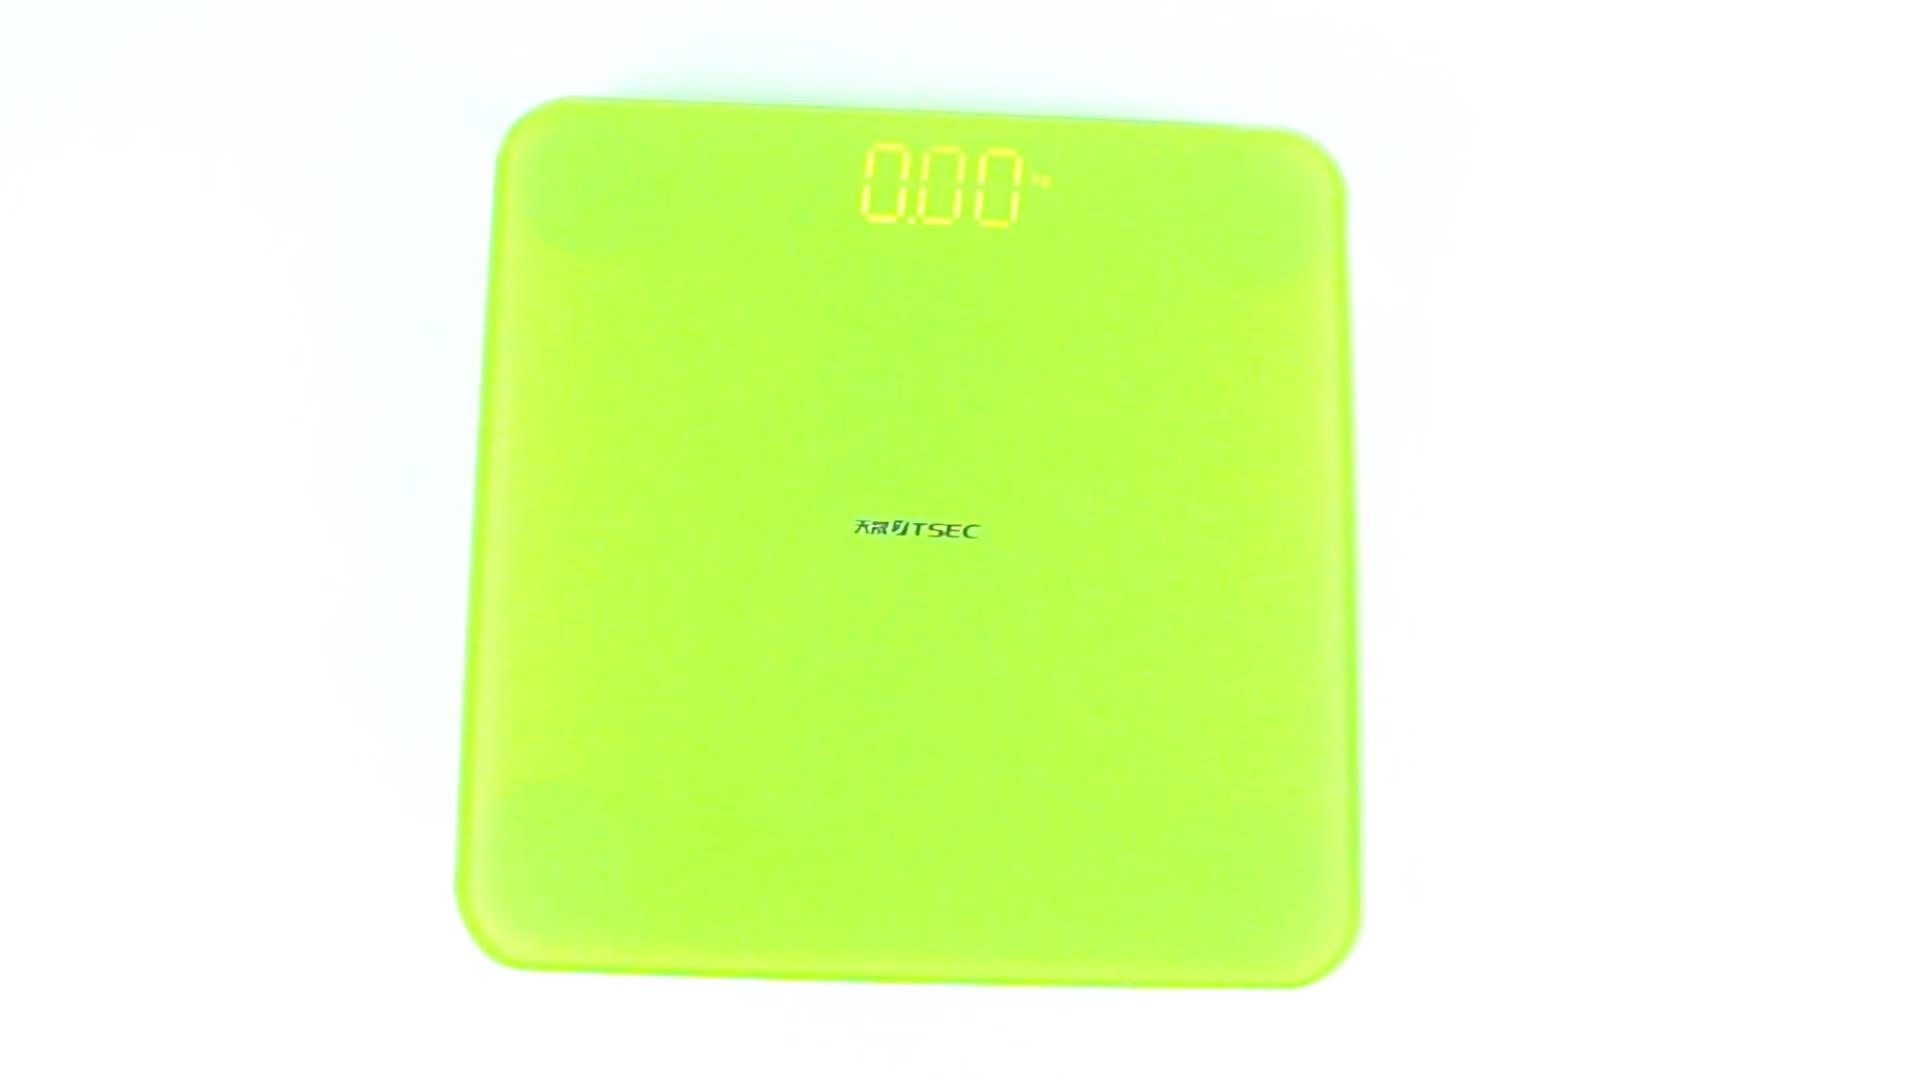 אנטי להחליק פונקציה דיגיטלי שקילה סולם אמבטיה מזג זכוכית אלקטרוני איזון סיטונאי אמבטיה במשקל